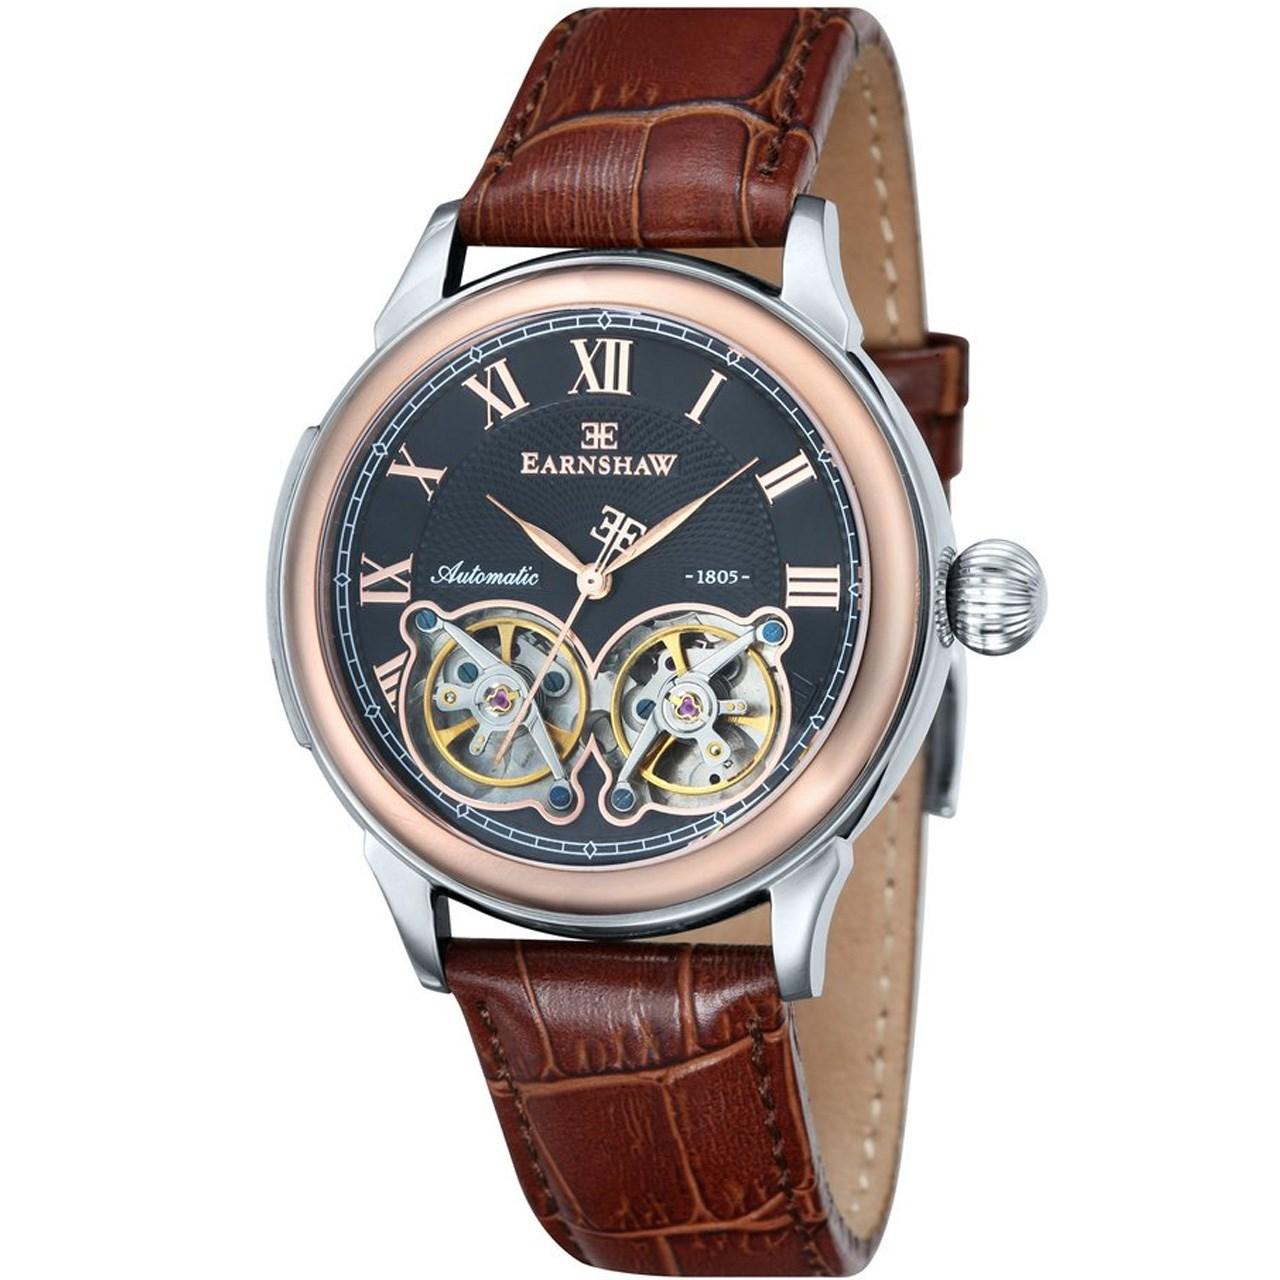 ساعت مچی عقربه ای مردانه ارنشا مدل ES-8030-04 23